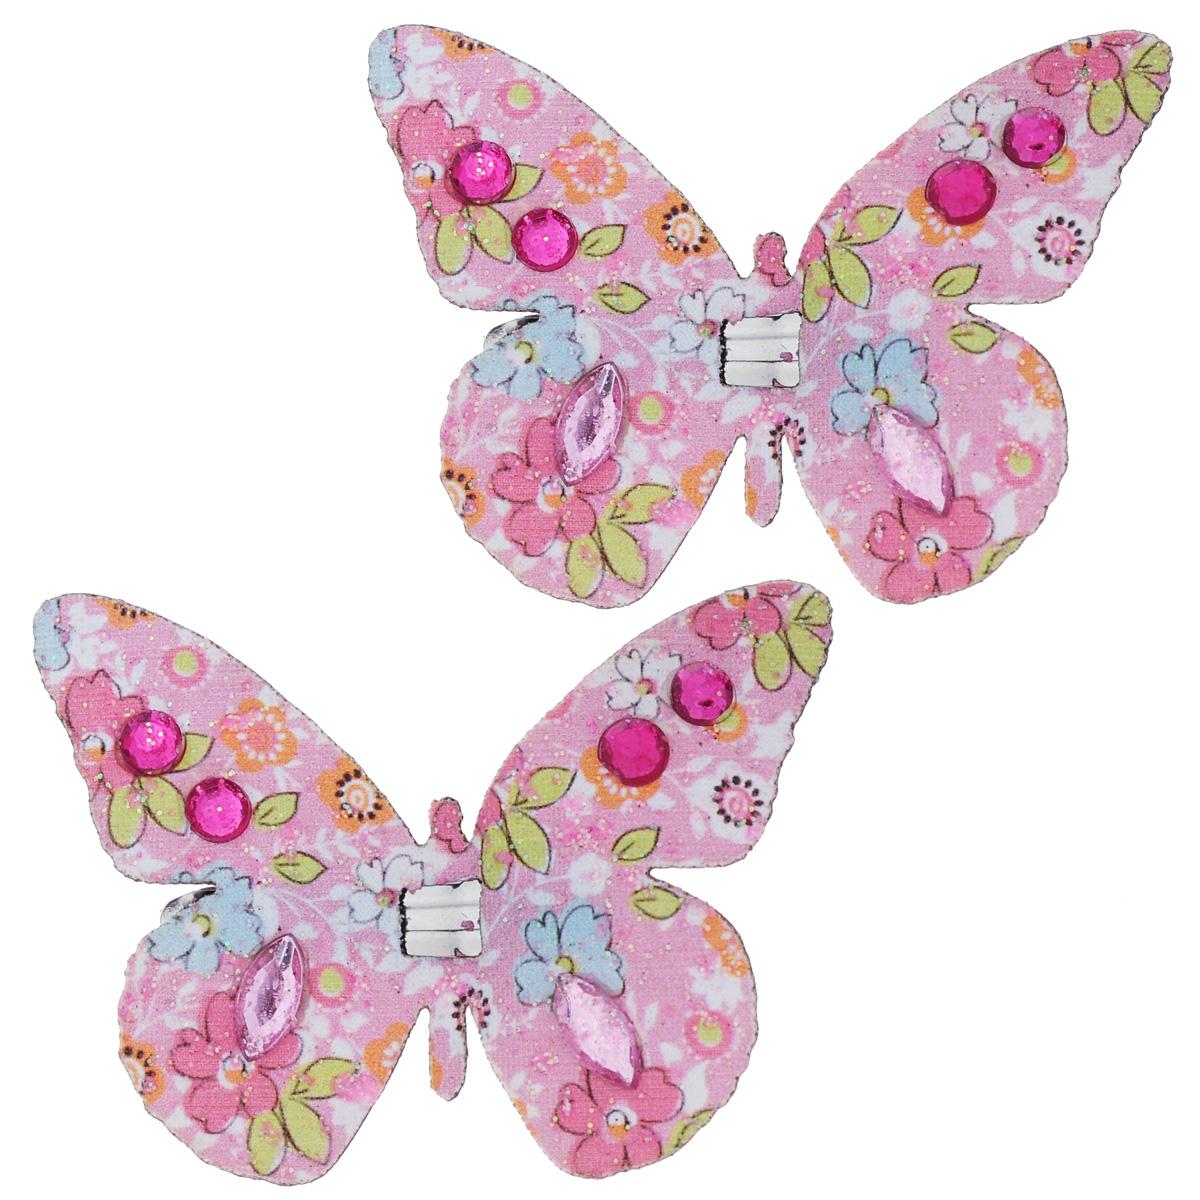 Набор декоративных элементов Hobby Time Бабочки, цвет: розовый, 5 х 4 см, 2 шт. 77054927705492Набор декоративных элементов Hobby Time Бабочки, изготовленный из текстиля, предназначен для декорирования. Он может пригодиться в оформлении одежды, предметов интерьера, подарков, цветочных букетов, а также в скрапбукинге. В наборе - 2 элемента. Изделия выполнены в виде бабочек, декорированных цветочным принтом и стразами. С оборотной стороны бабочки оснащены металлическими клипсами.